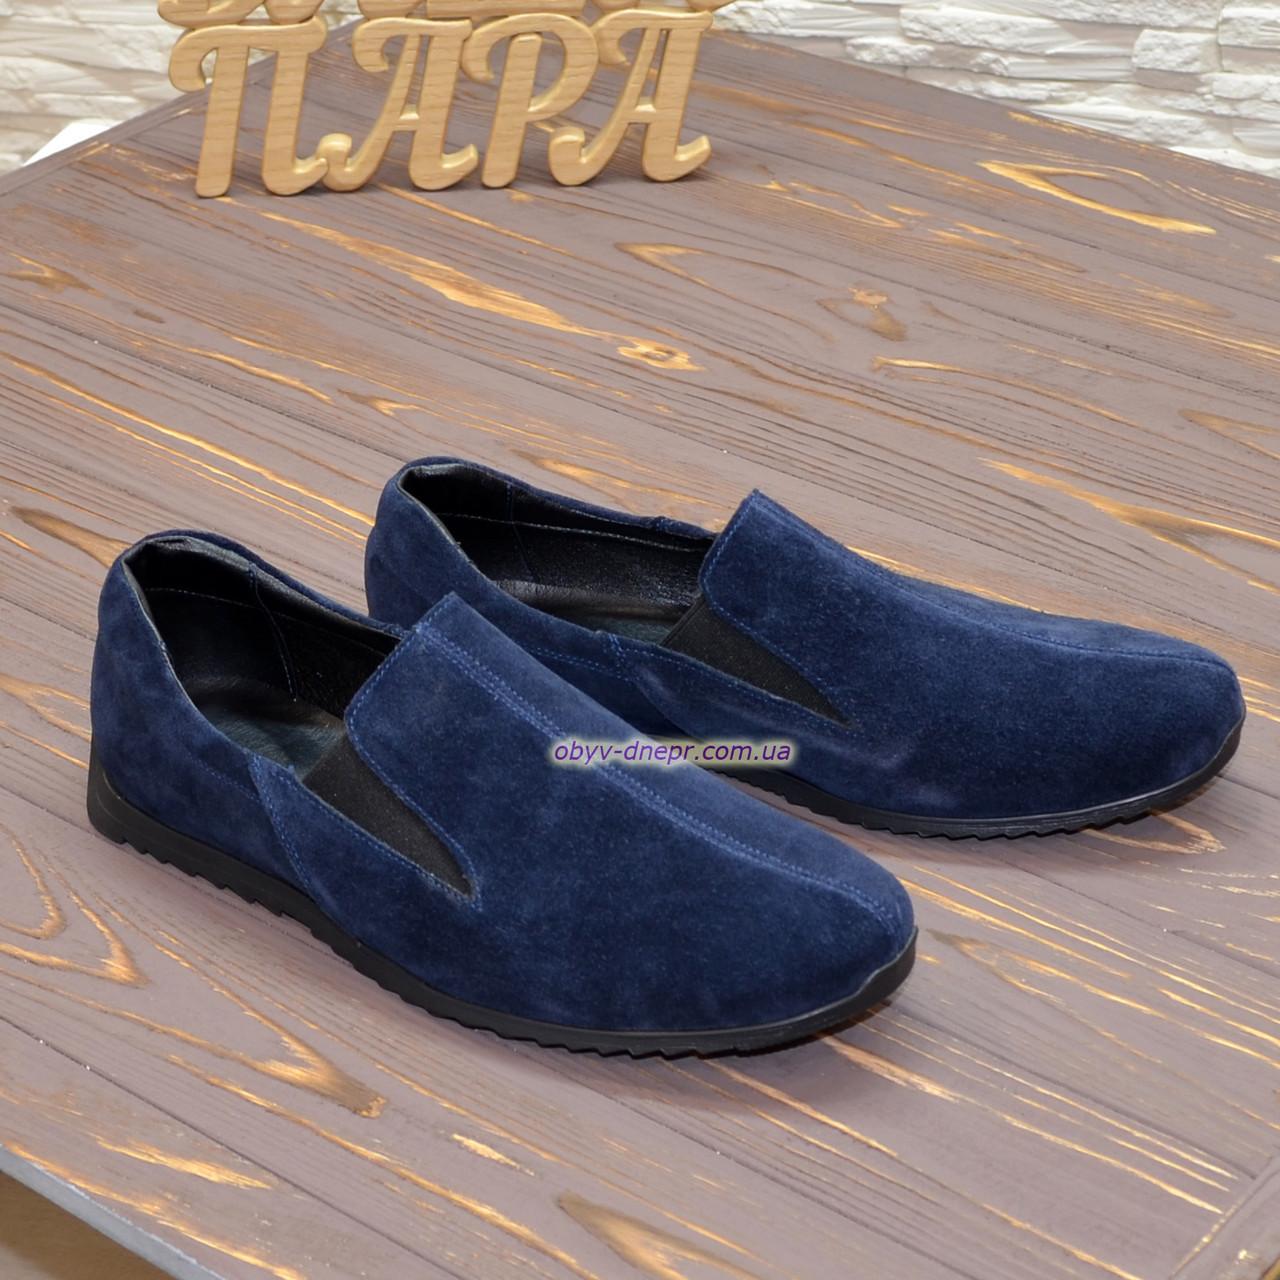 Туфли-мокасины мужские замшевые, цвет синий